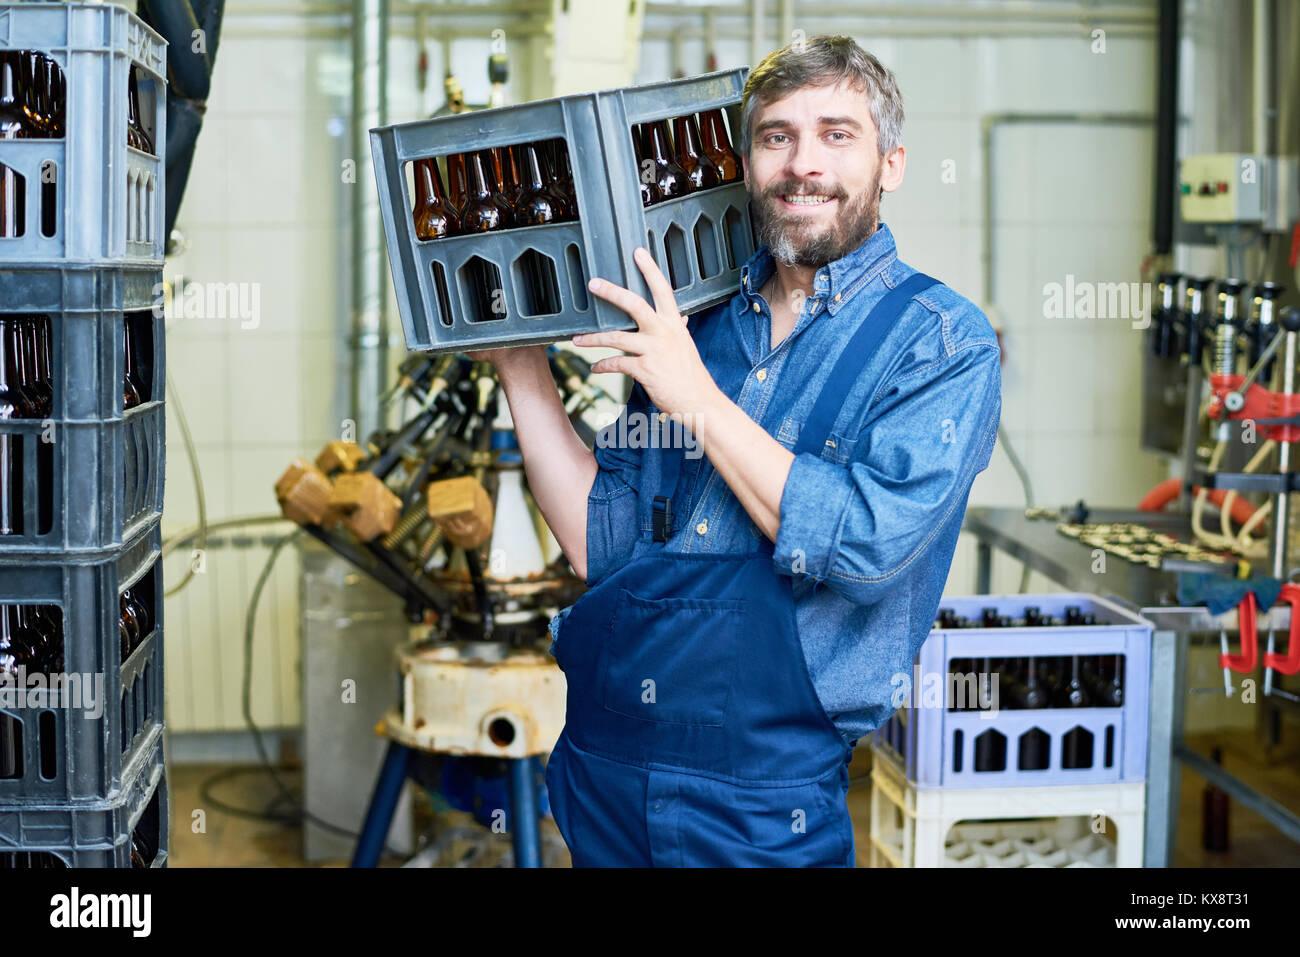 Bärtige Arbeiter, die Bierflasche Kiste Stockbild